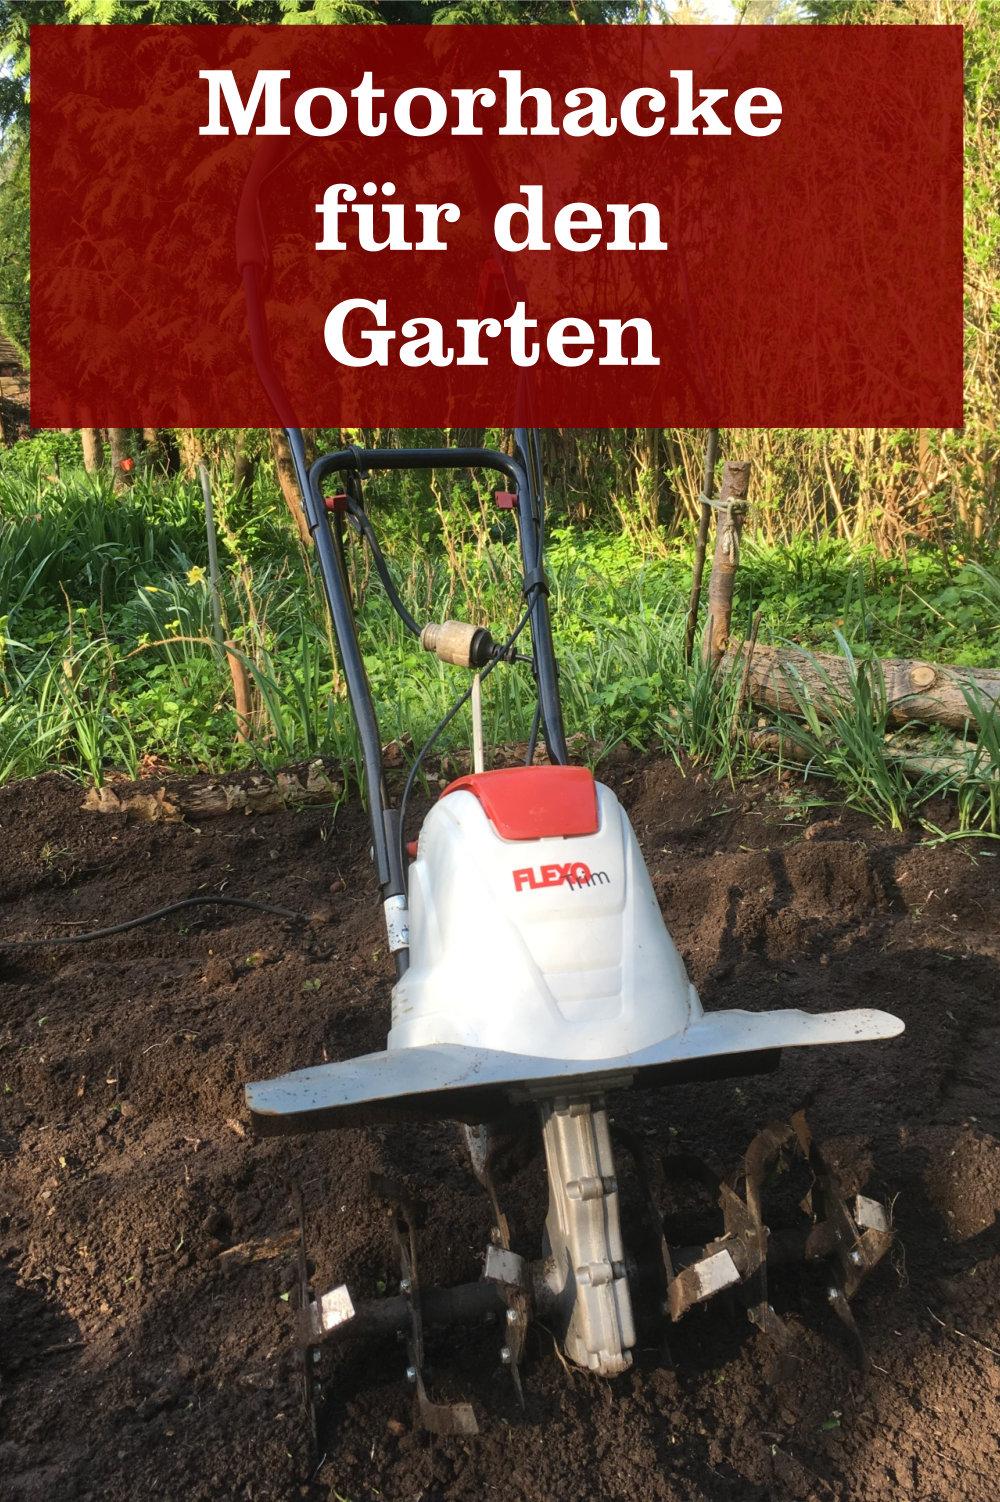 Motorhacke für Garten